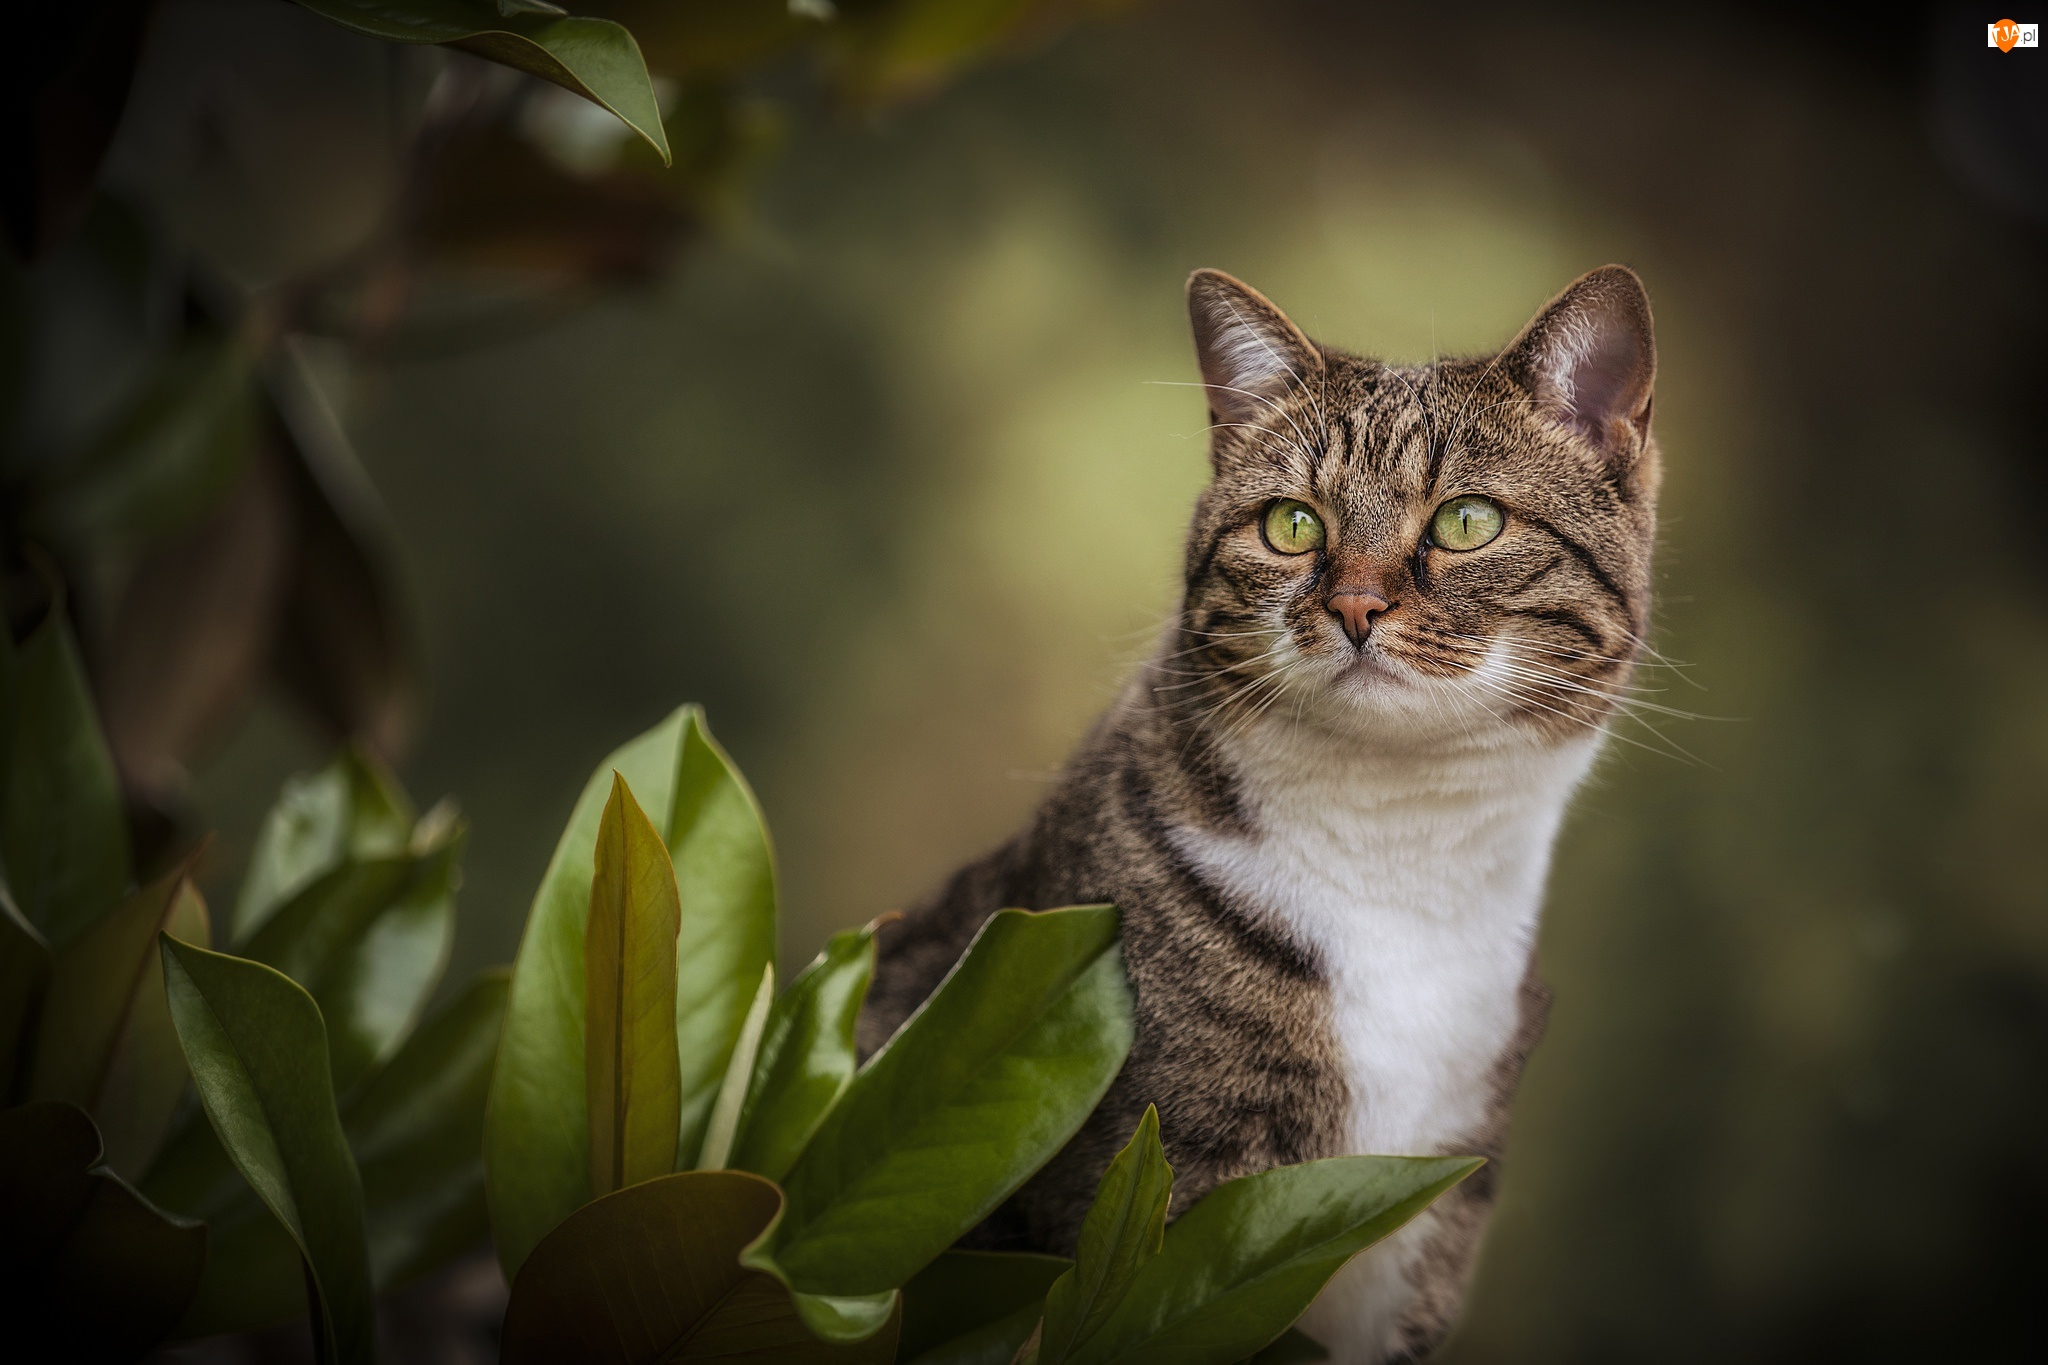 Kot, Szaro-biały, Oczy, Rozmycie, Zielone, Liście